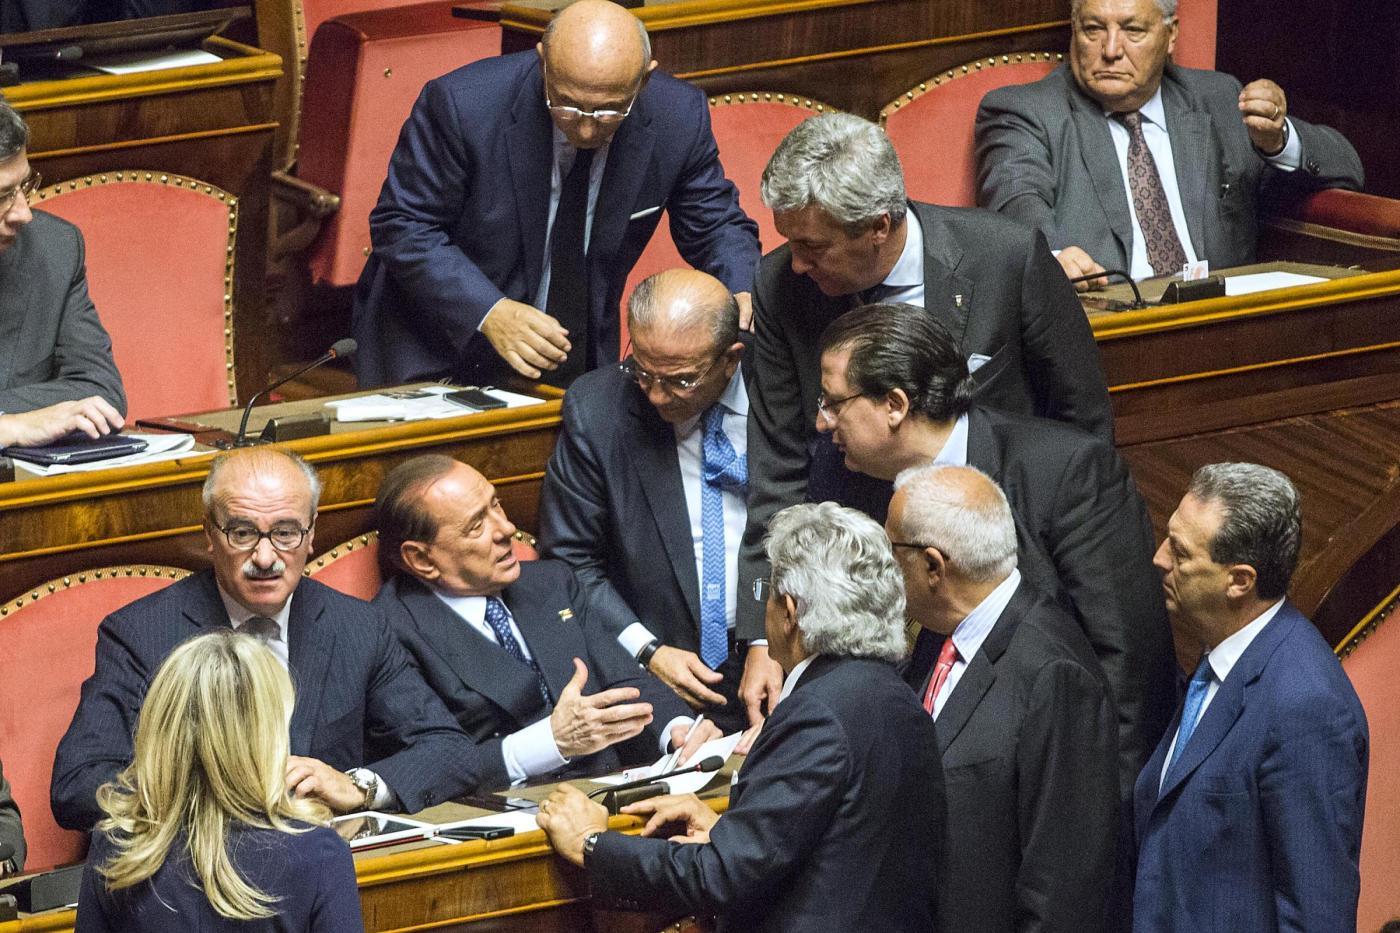 Berlusconi, compravendita senatori: presidenza del Senato non sarà parte civile